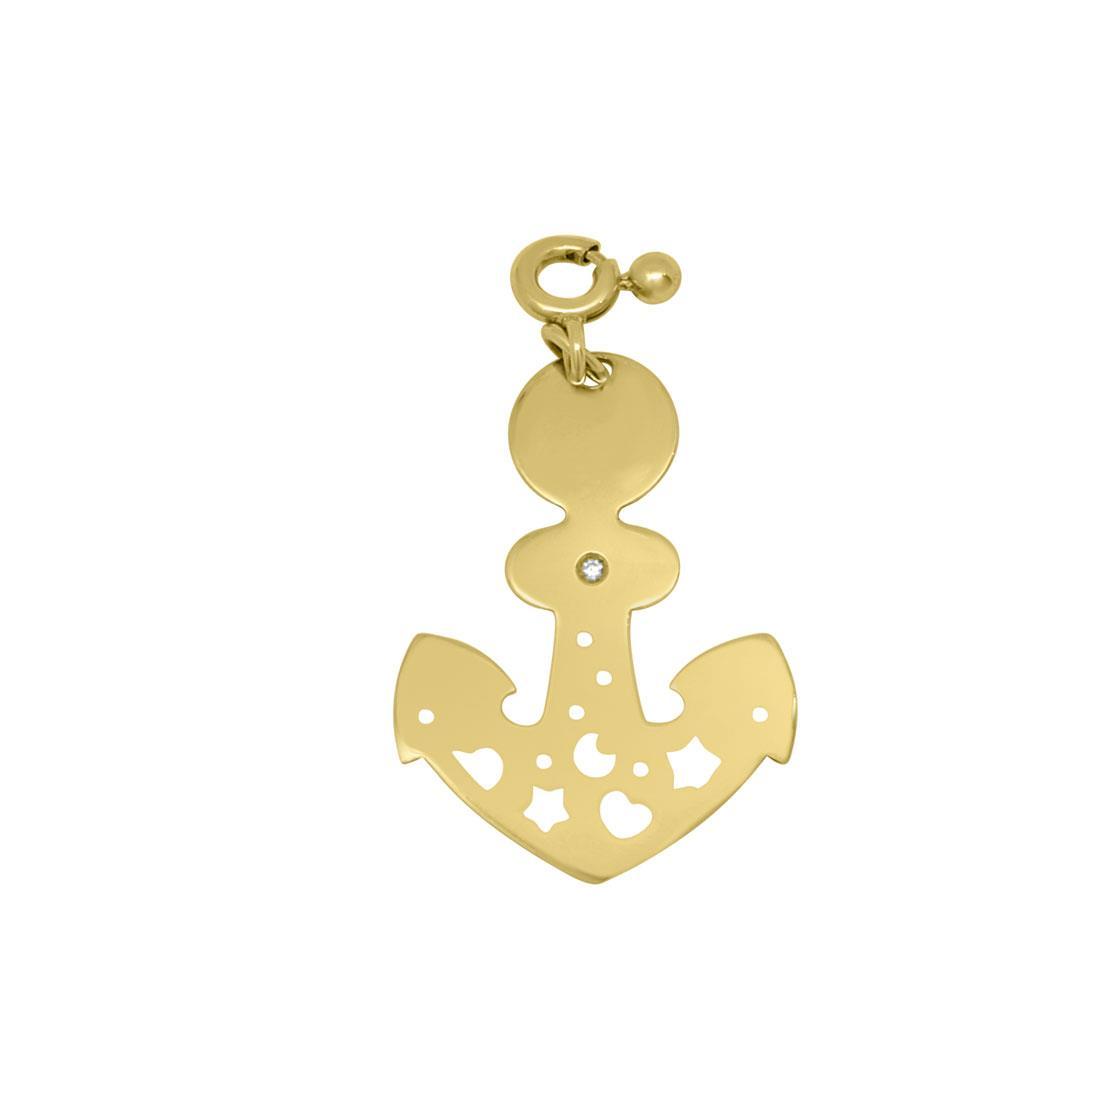 Ciondolo in oro giallo con diamante ct 0.01, misura 2 x 3,5cm - PASQUALE BRUNI